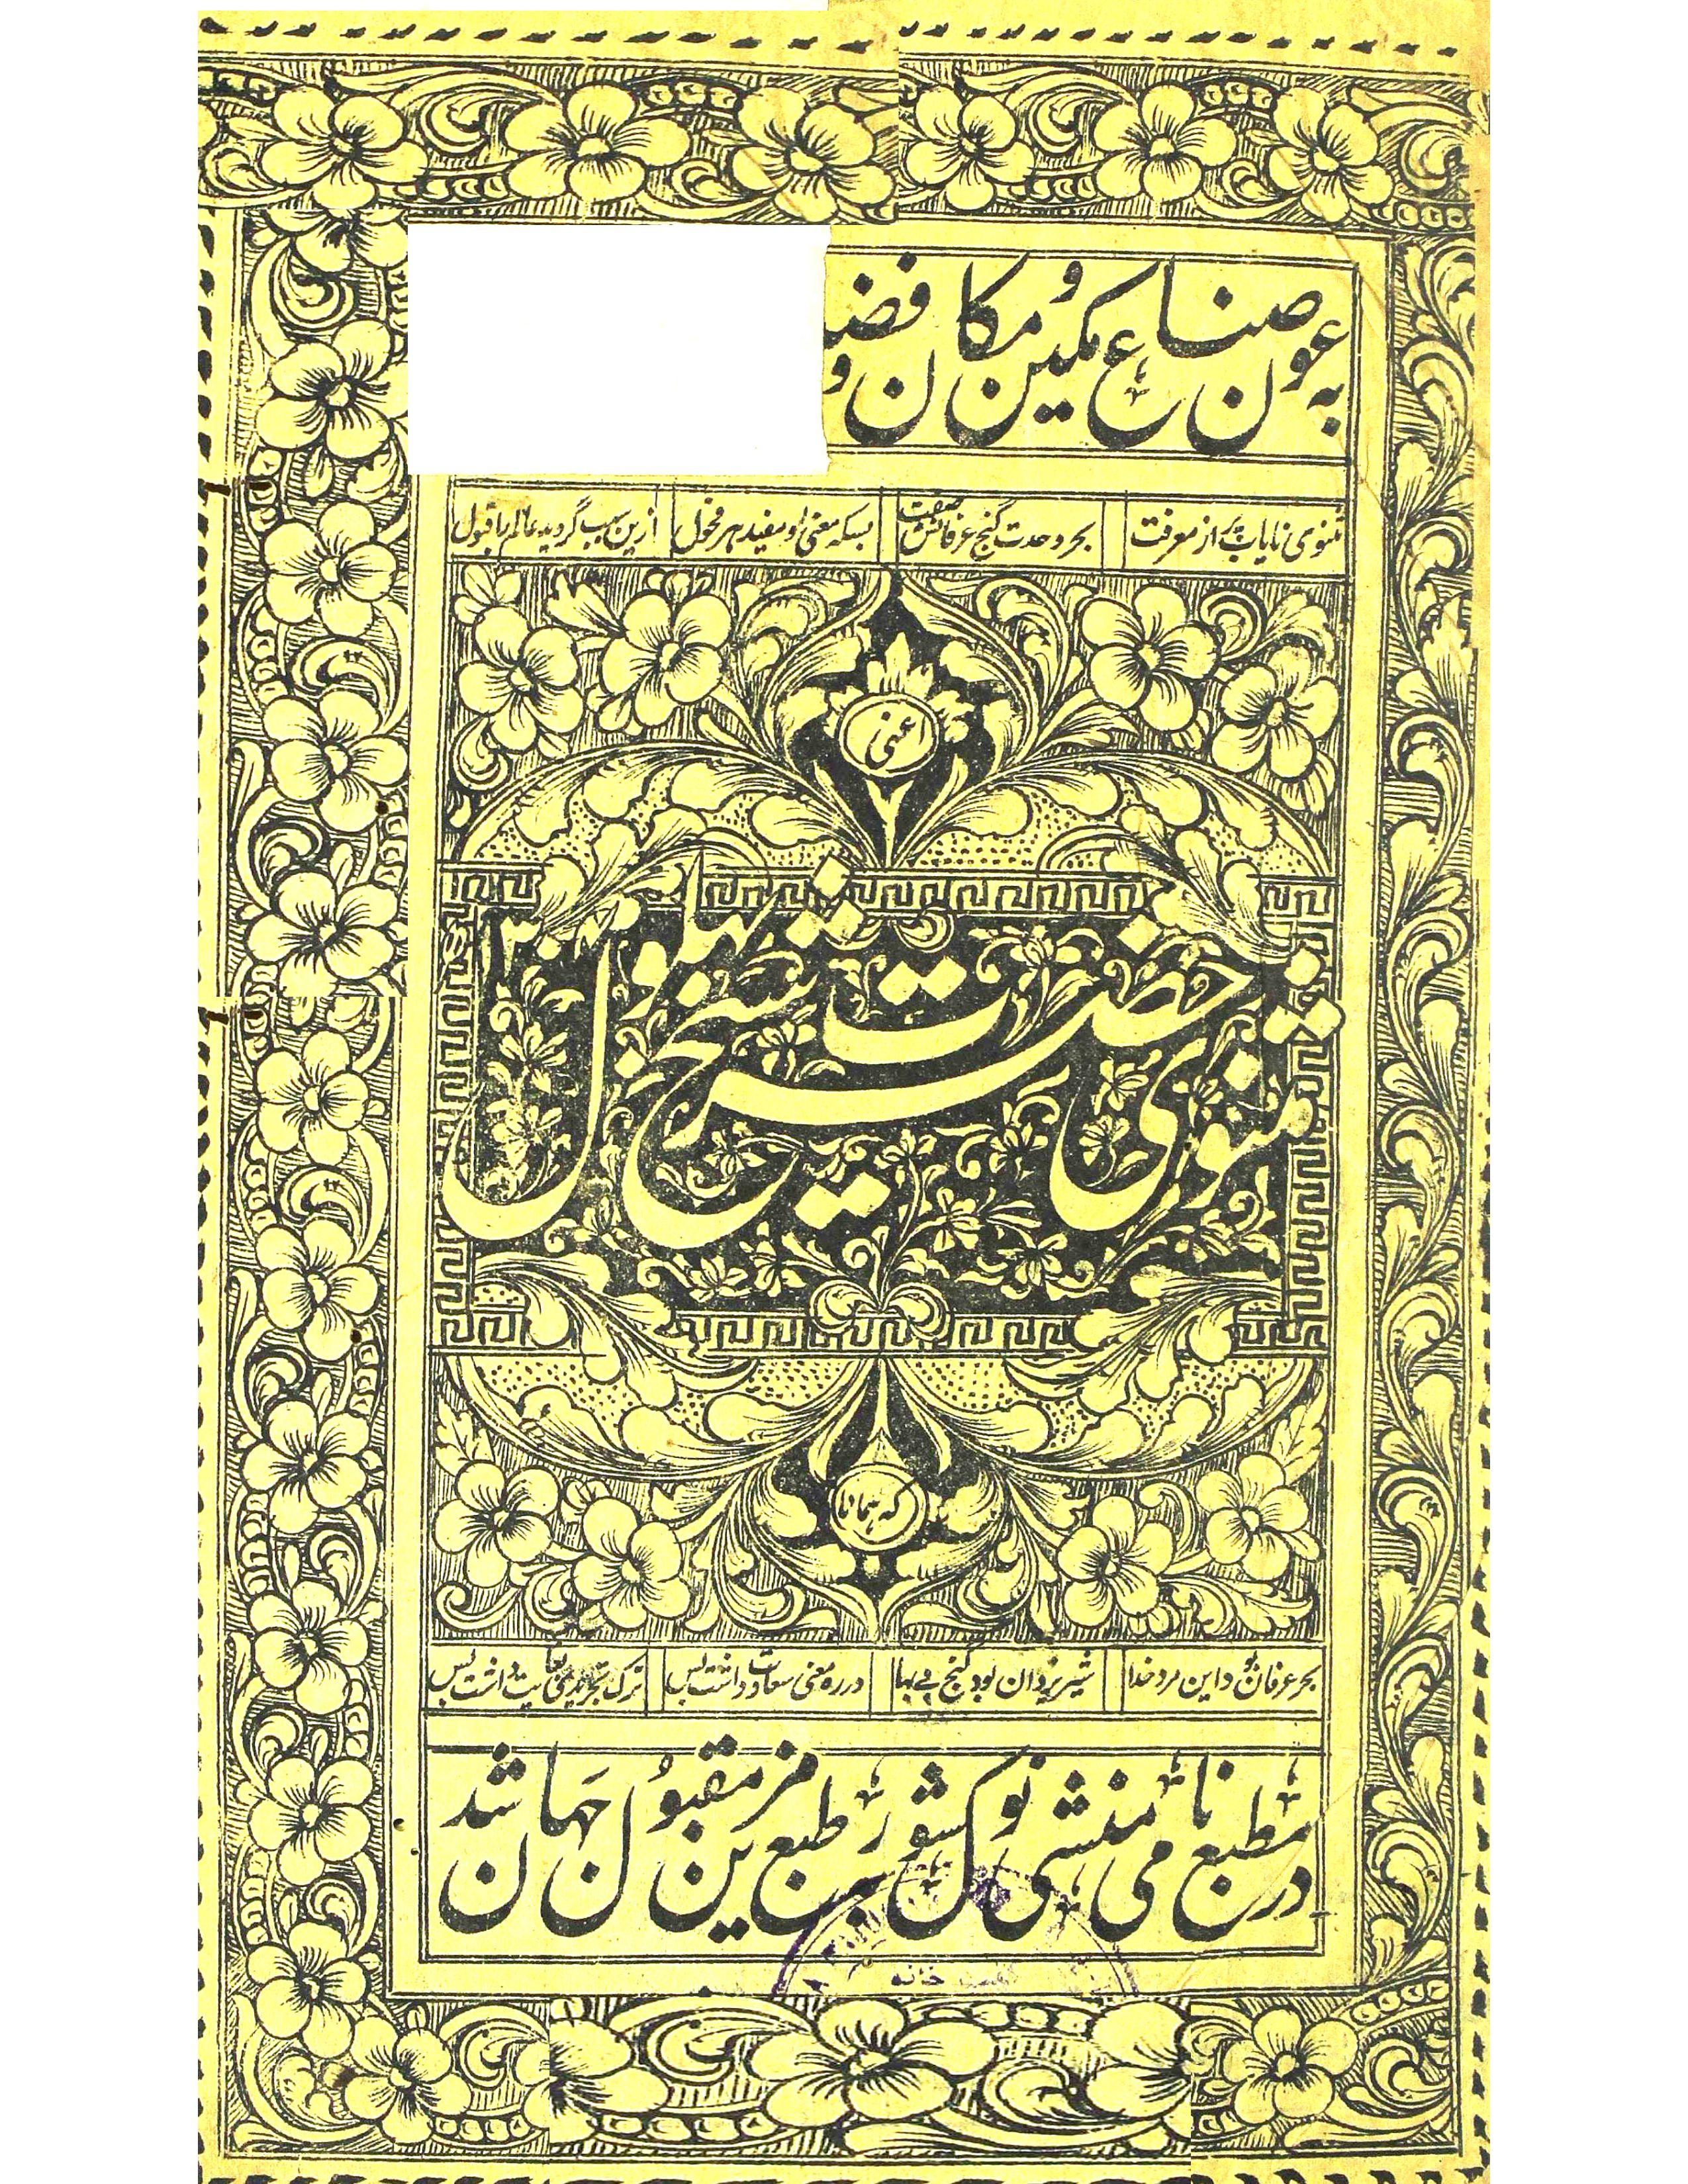 Masnavi Hazrat Shaikh Bahlol